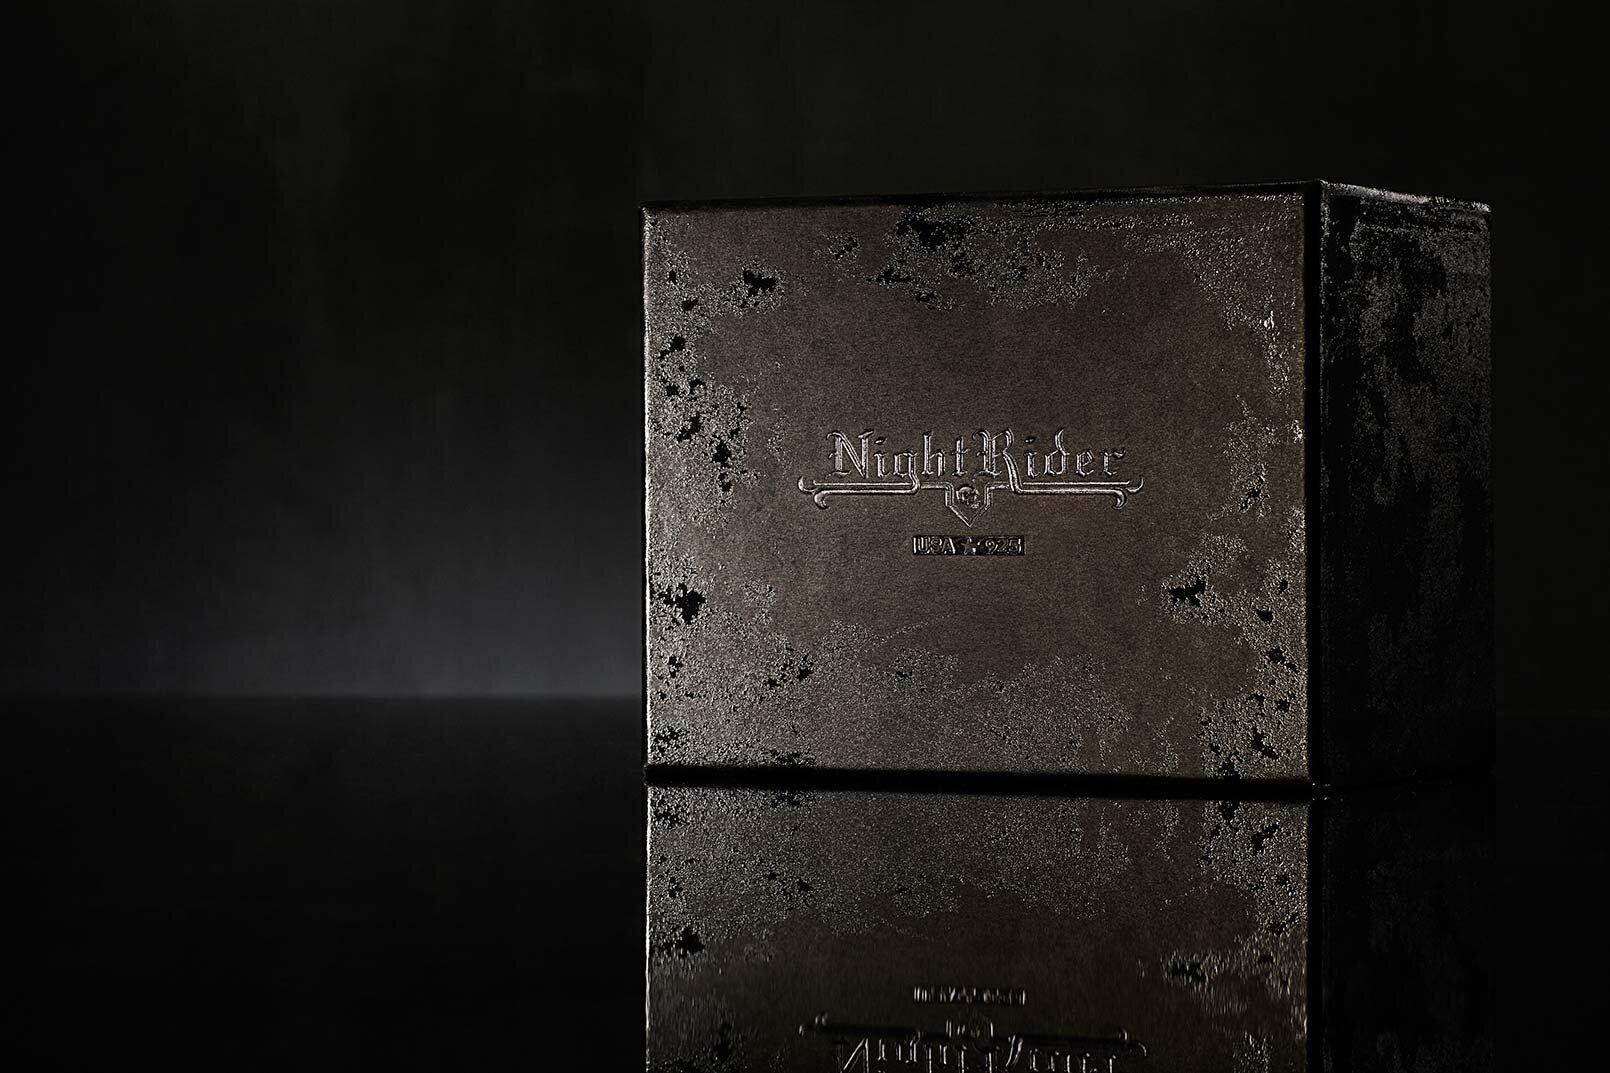 夜间衣服珠宝盒设计 - 包装 - 公司-1.1.jpg